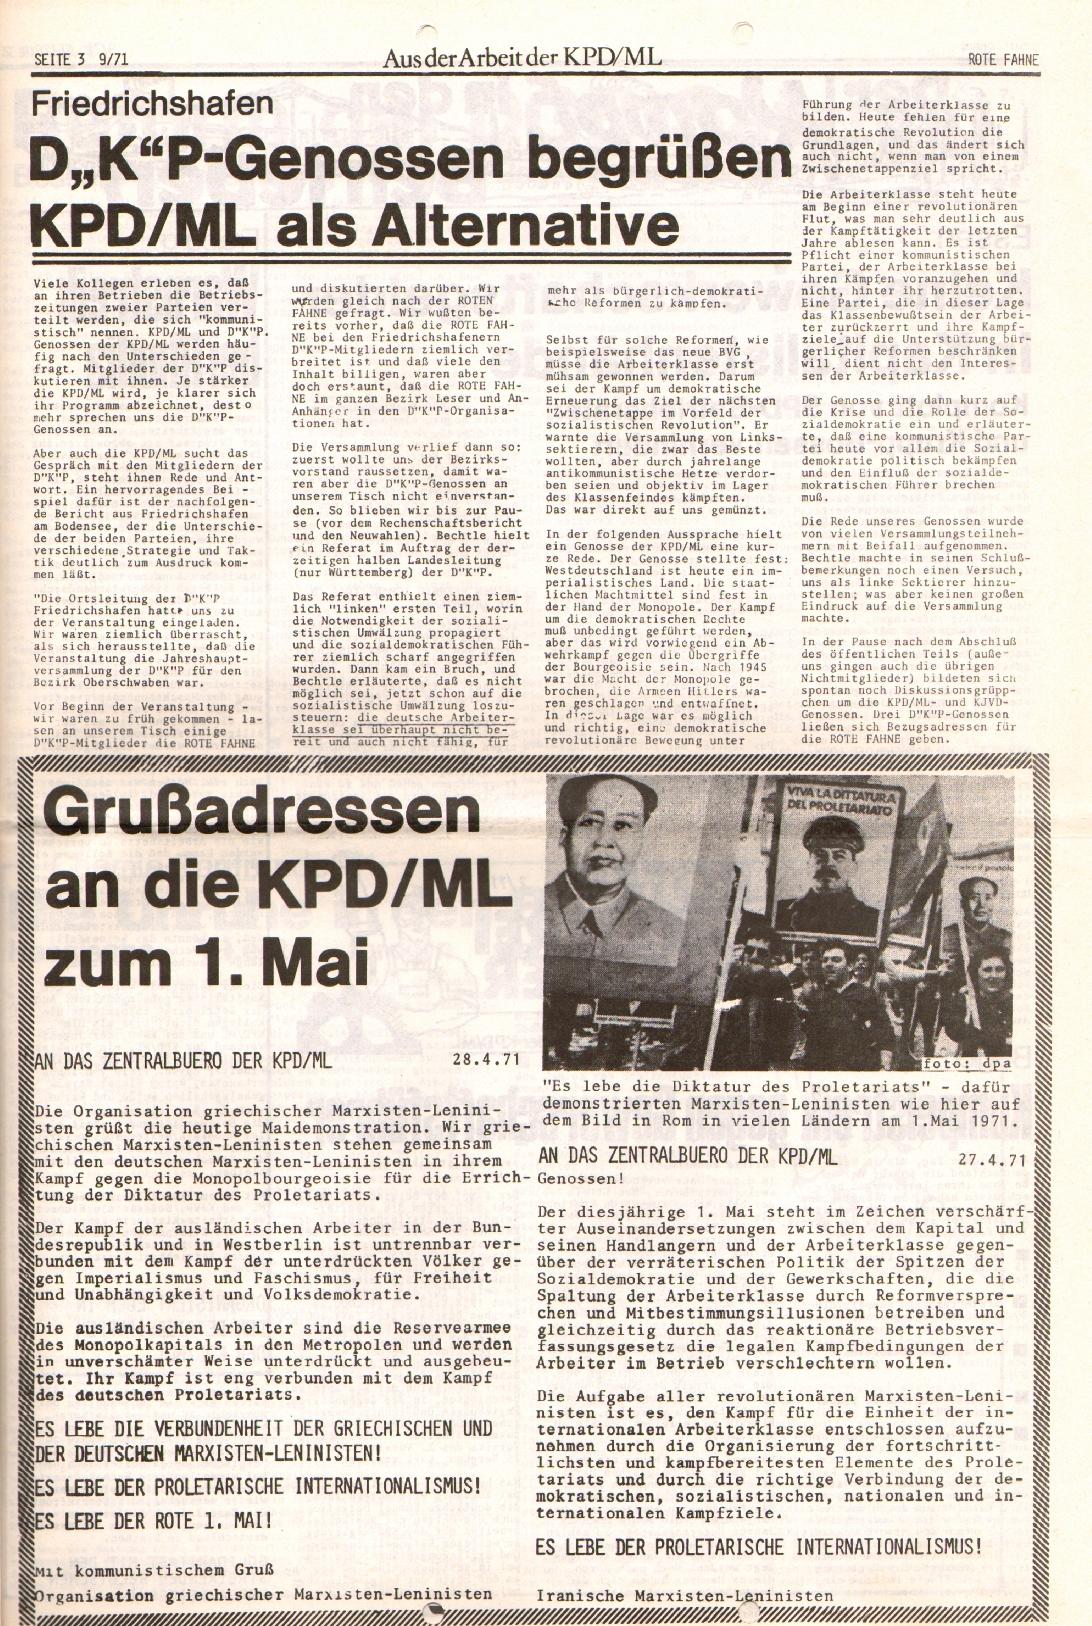 Rote Fahne, 2. Jg., 10.5.1971, Nr. 9, Seite 3